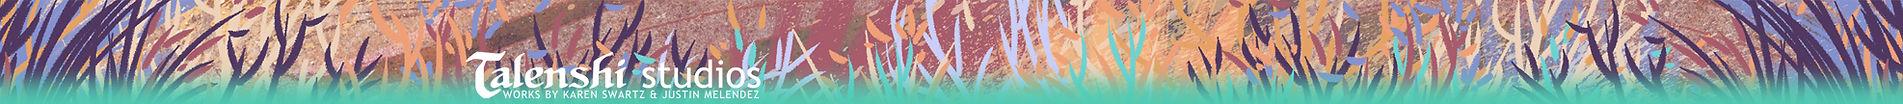 shop-topbar-image-with-logotype2.jpg